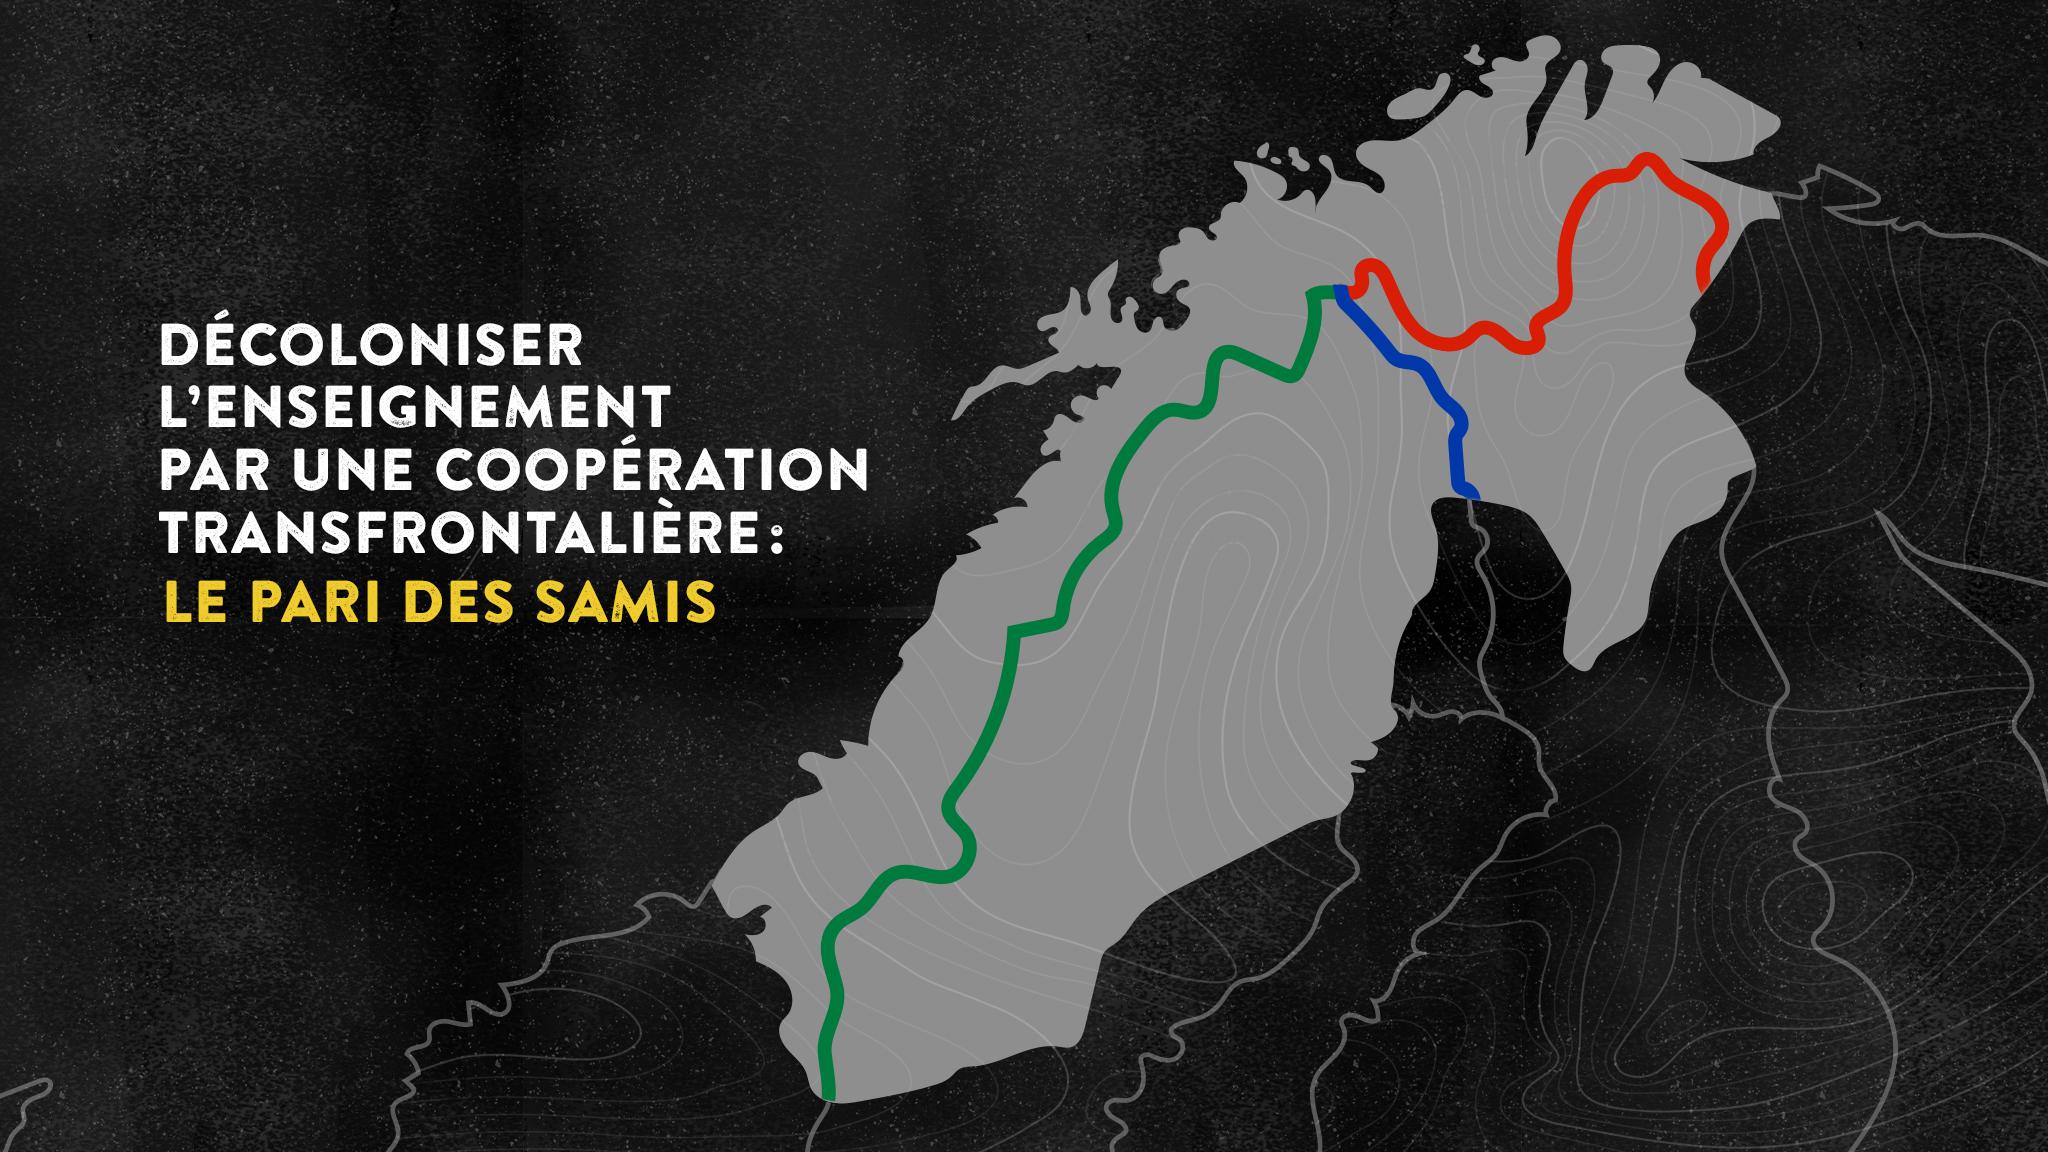 Décoloniser l'enseignement par une coopération transfrontalière: le pari des Samis